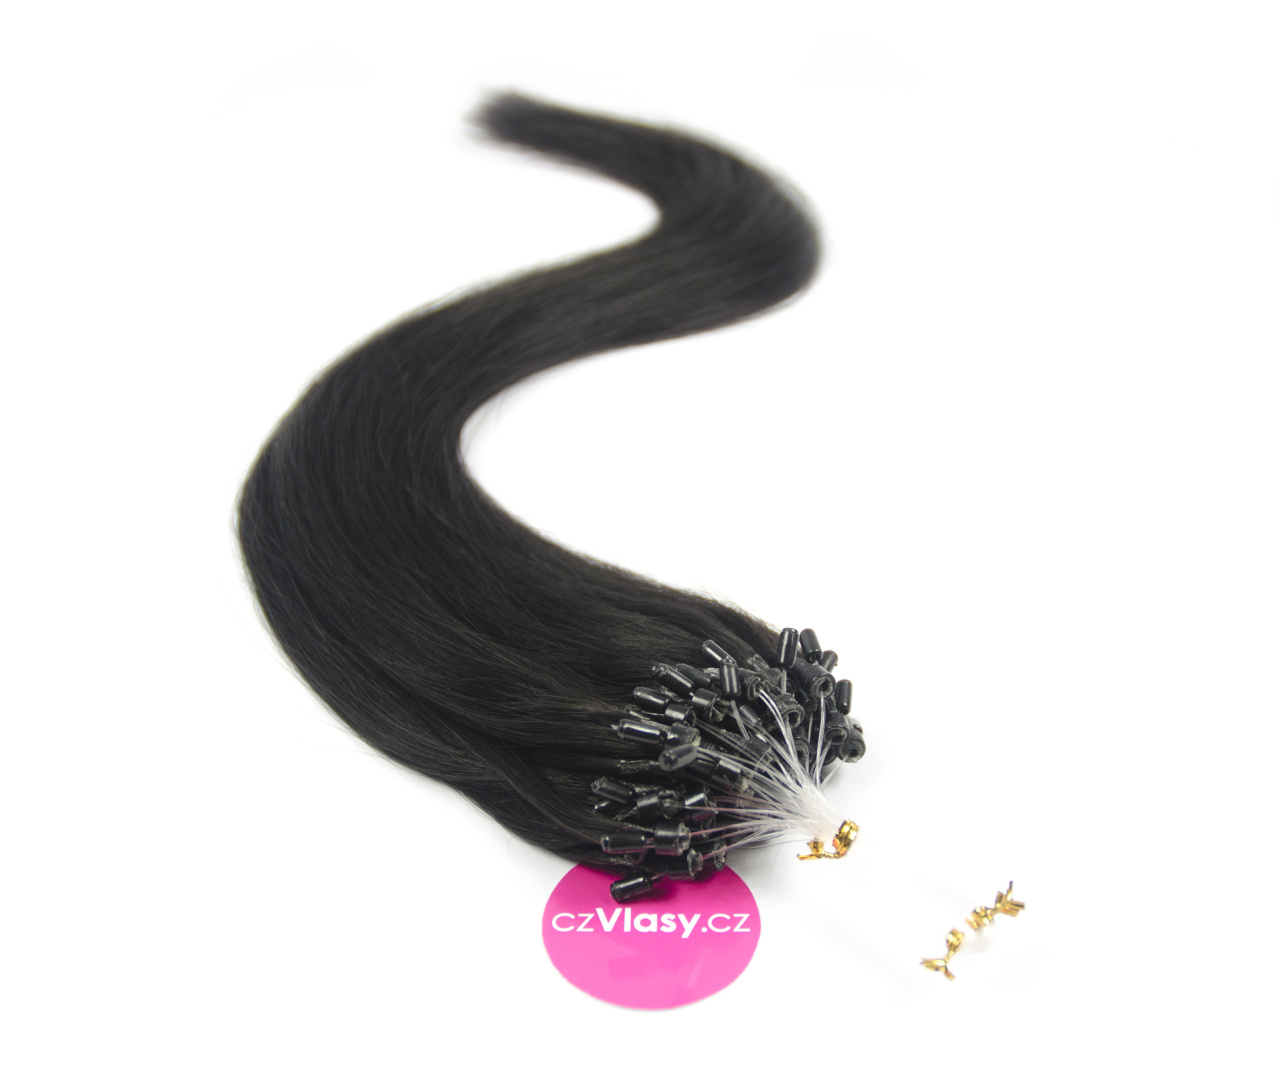 Indické vlasy na metodu micro-ring odstín 1A Délka: 40 cm, Hmotnost: 0,8 g/pramínek, REMY